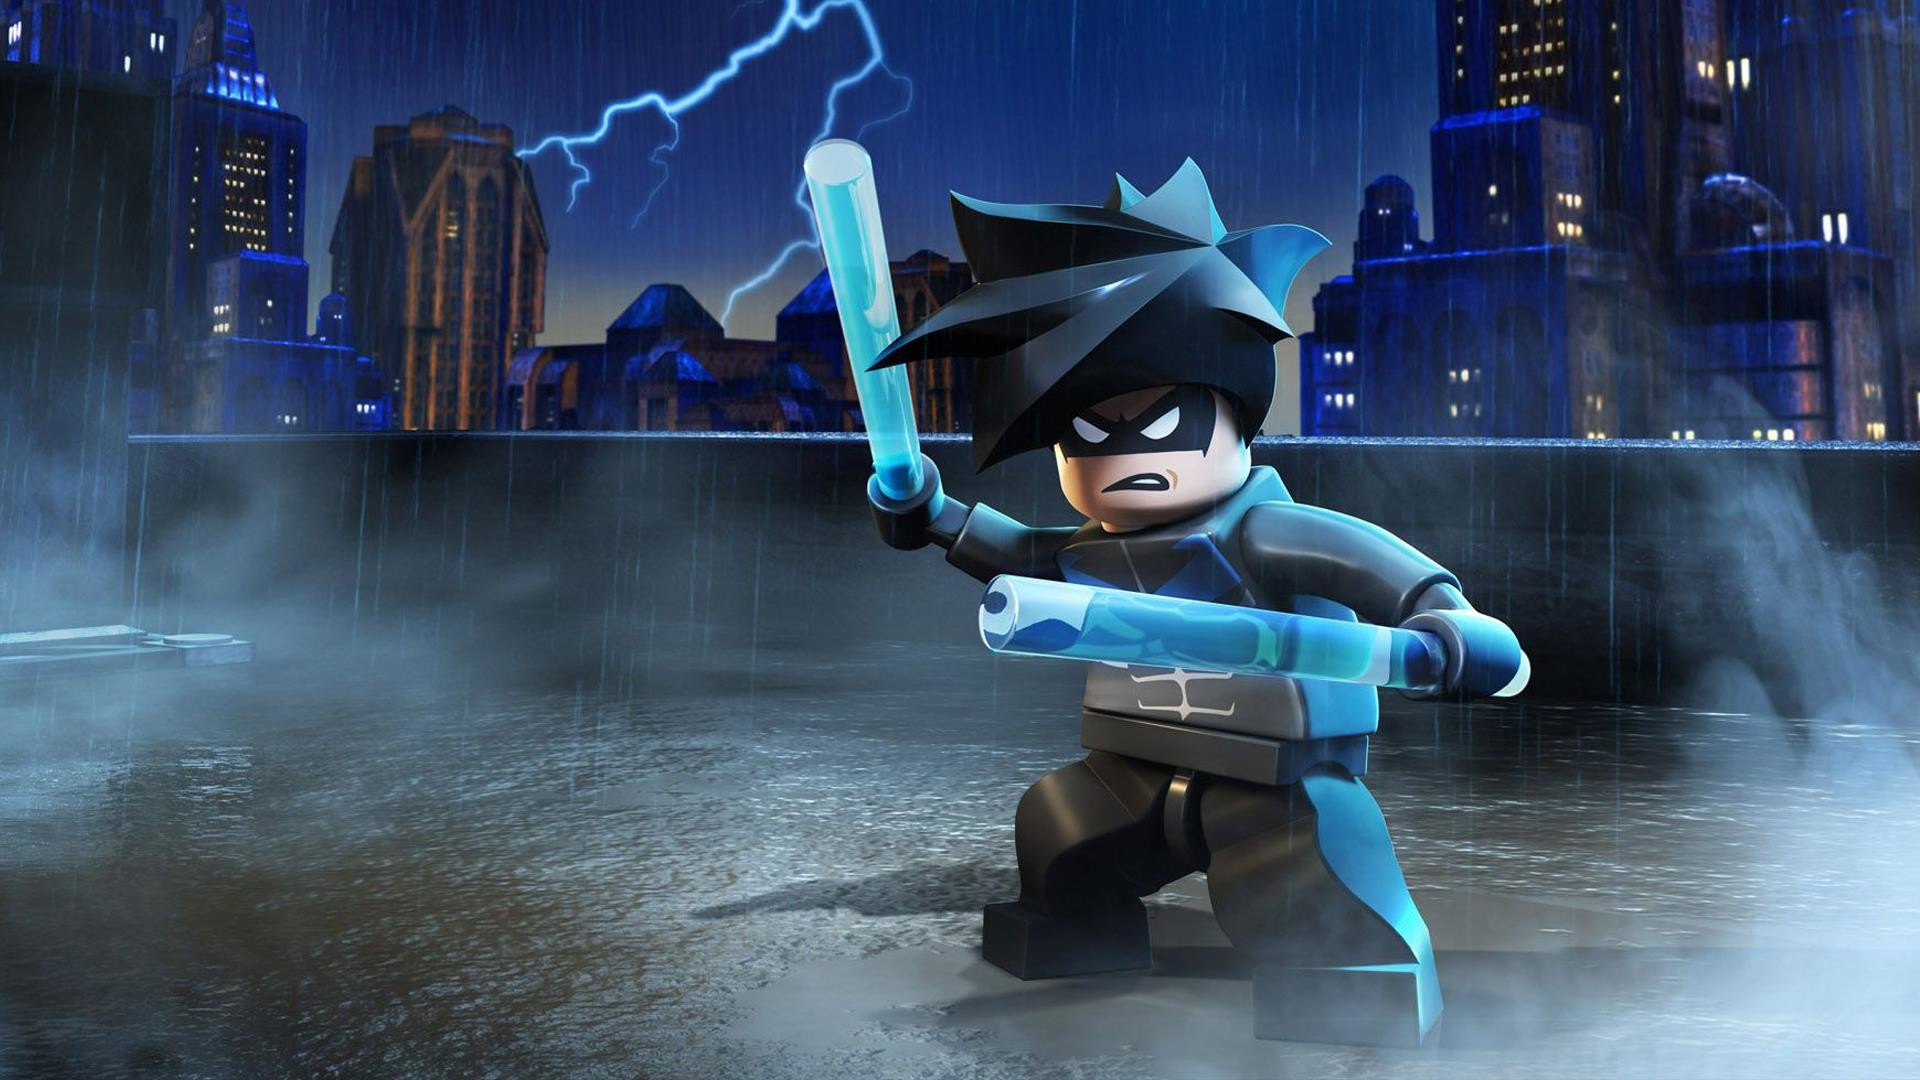 Video Game – LEGO Batman 2: DC Super Heroes Wallpaper